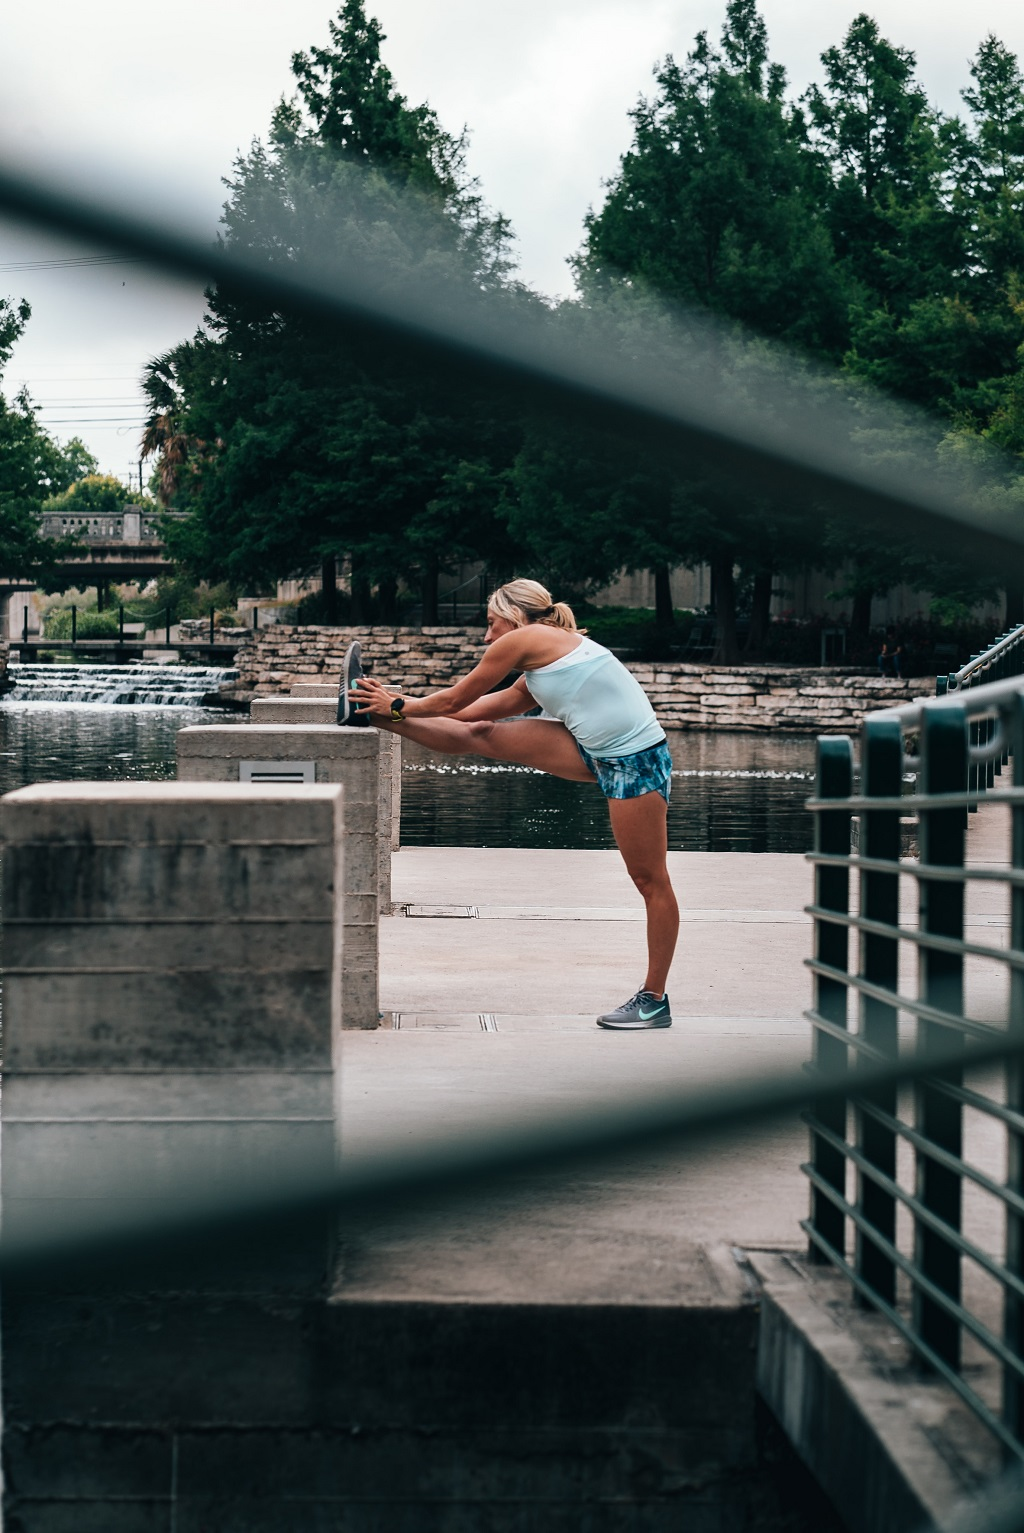 Femme étirement running